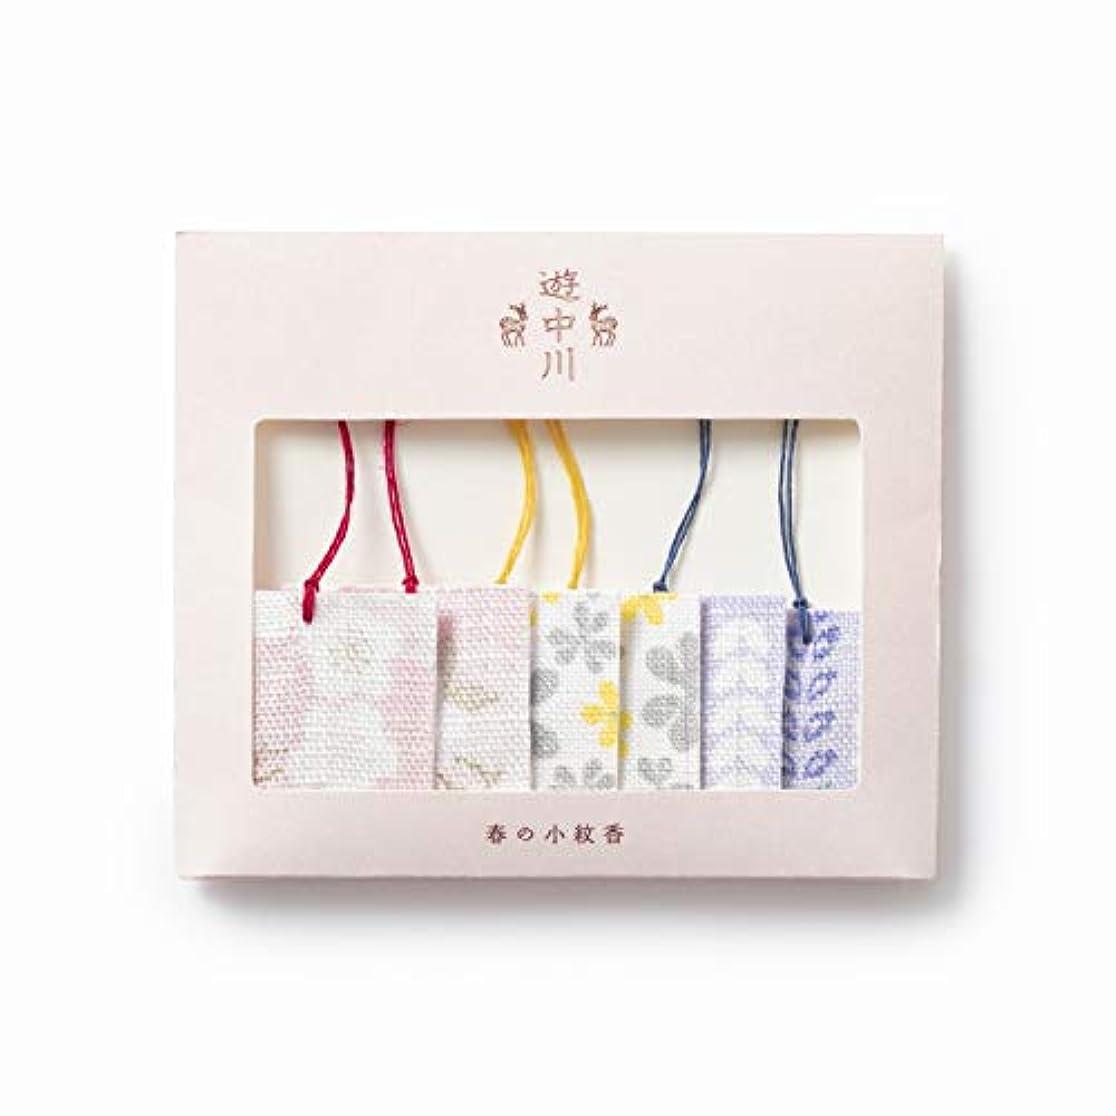 遊中川  春の小紋香 2019